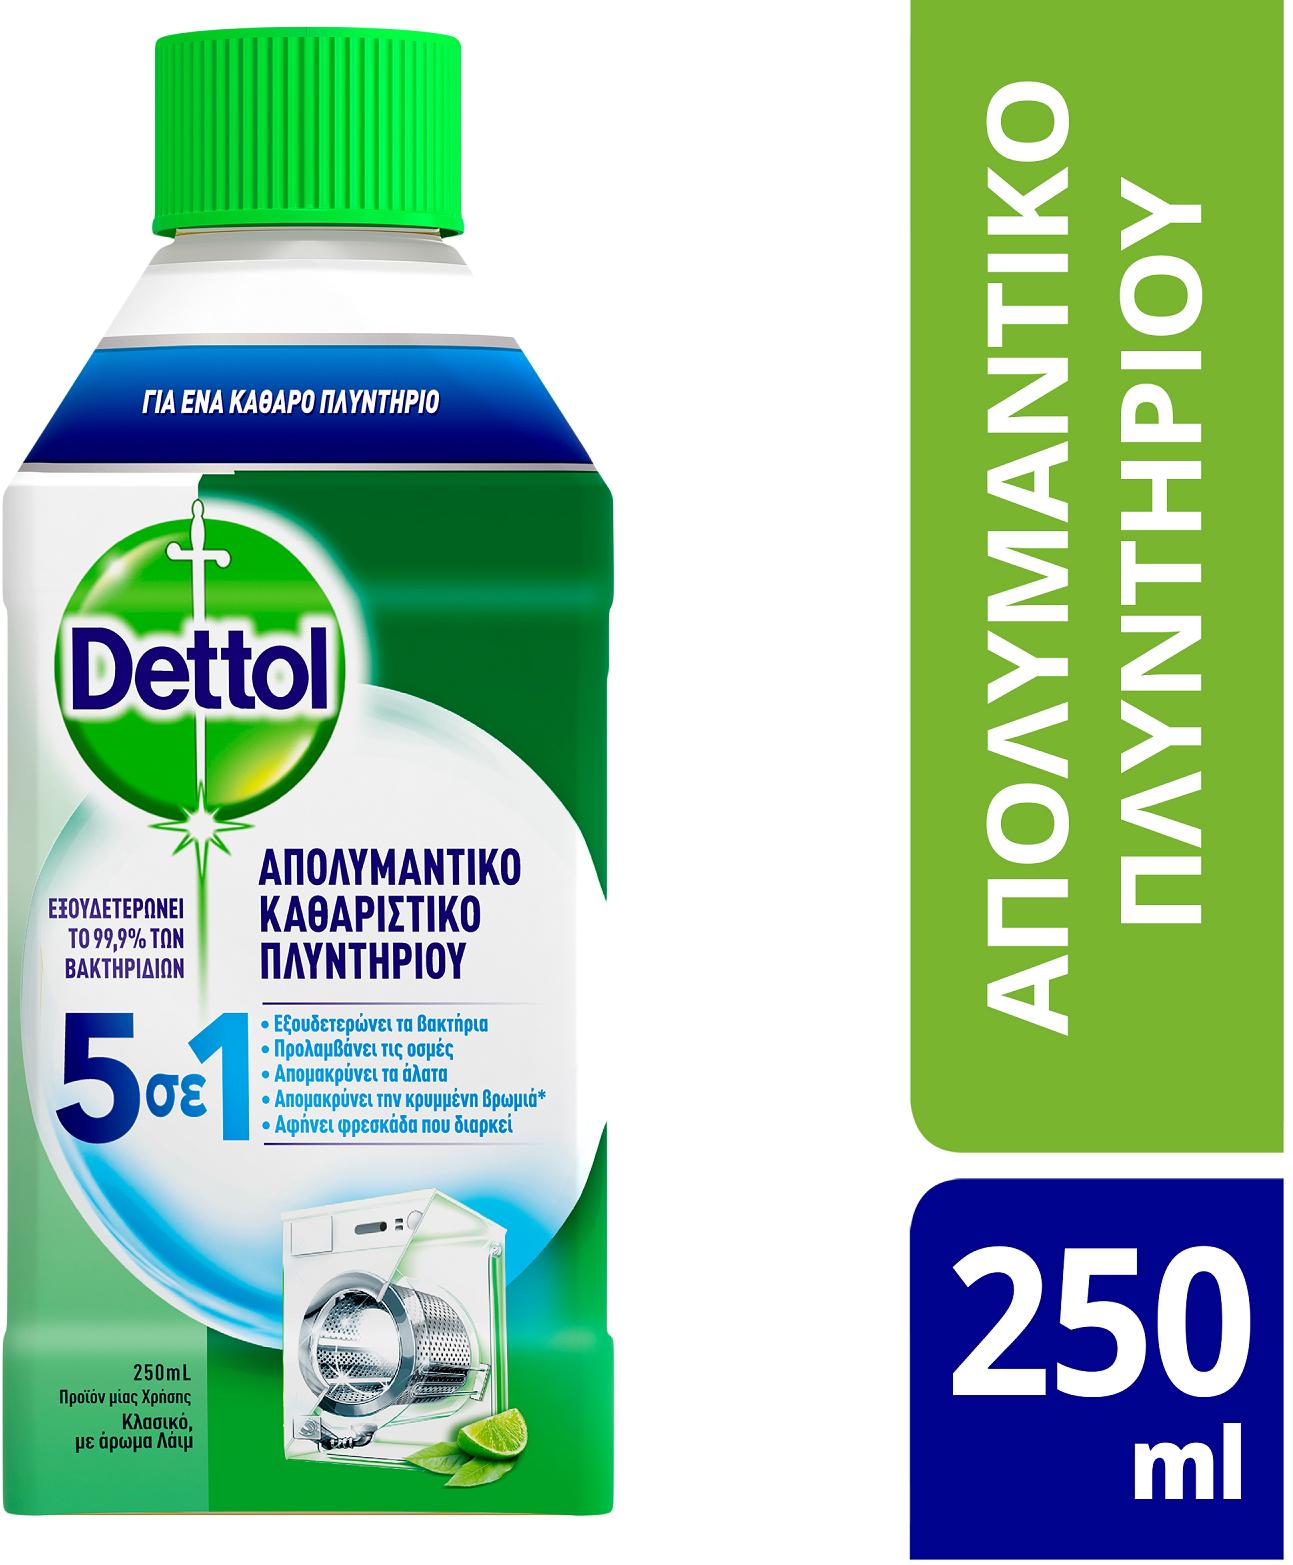 Απολυμαντικό Καθαριστικό Πλυντηρίου Ρούχων Dettol (3x250ml)τα 3τεμ -21,94%